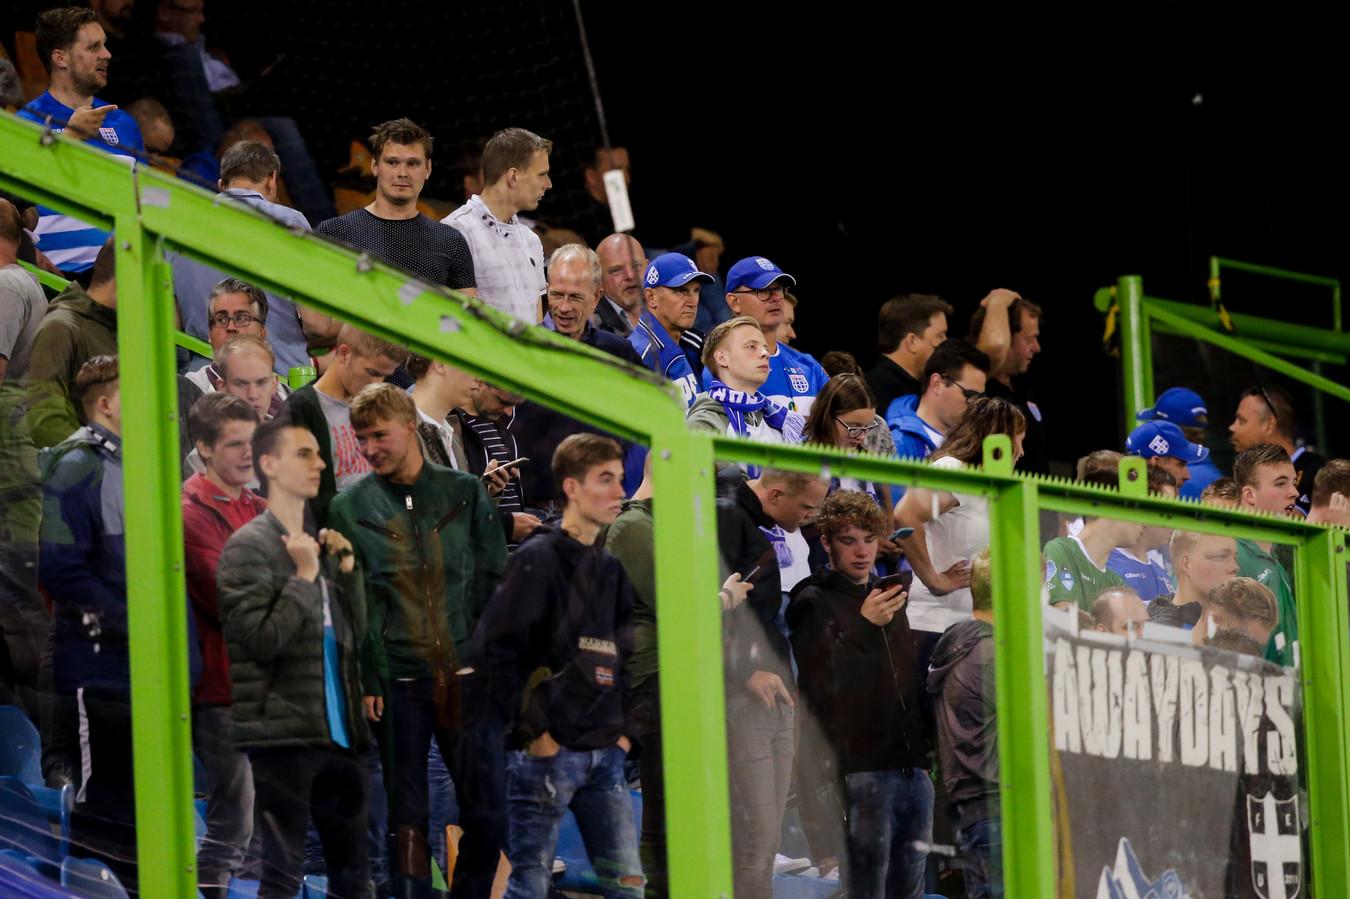 Supportersgroepen van PEC Zwolle (hier uitsupporters bij de wedstrijd tegen Vitesse in augustus) hebben de stekker getrokken uit de klankbordgroep waarin ze met de clubleiding overlegden.